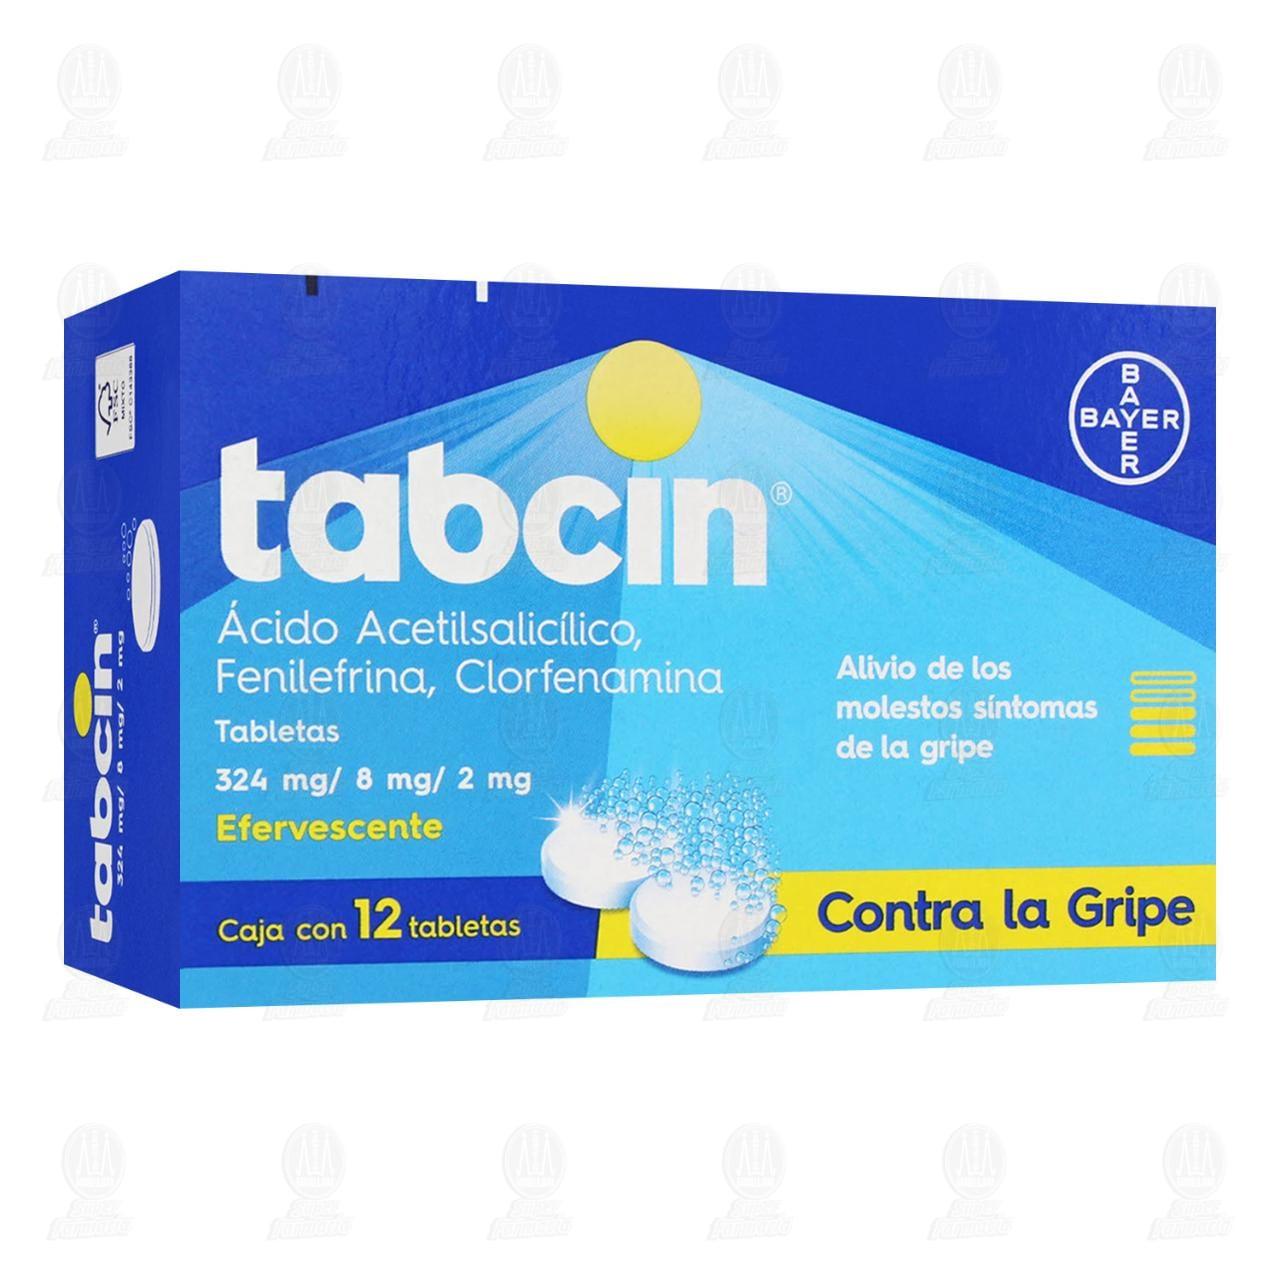 Comprar Tabcin Efervescente Alivio de la Gripe y sus Principales Síntomas 324mg/8mg/2mg 12 Tabletas en Farmacias Guadalajara